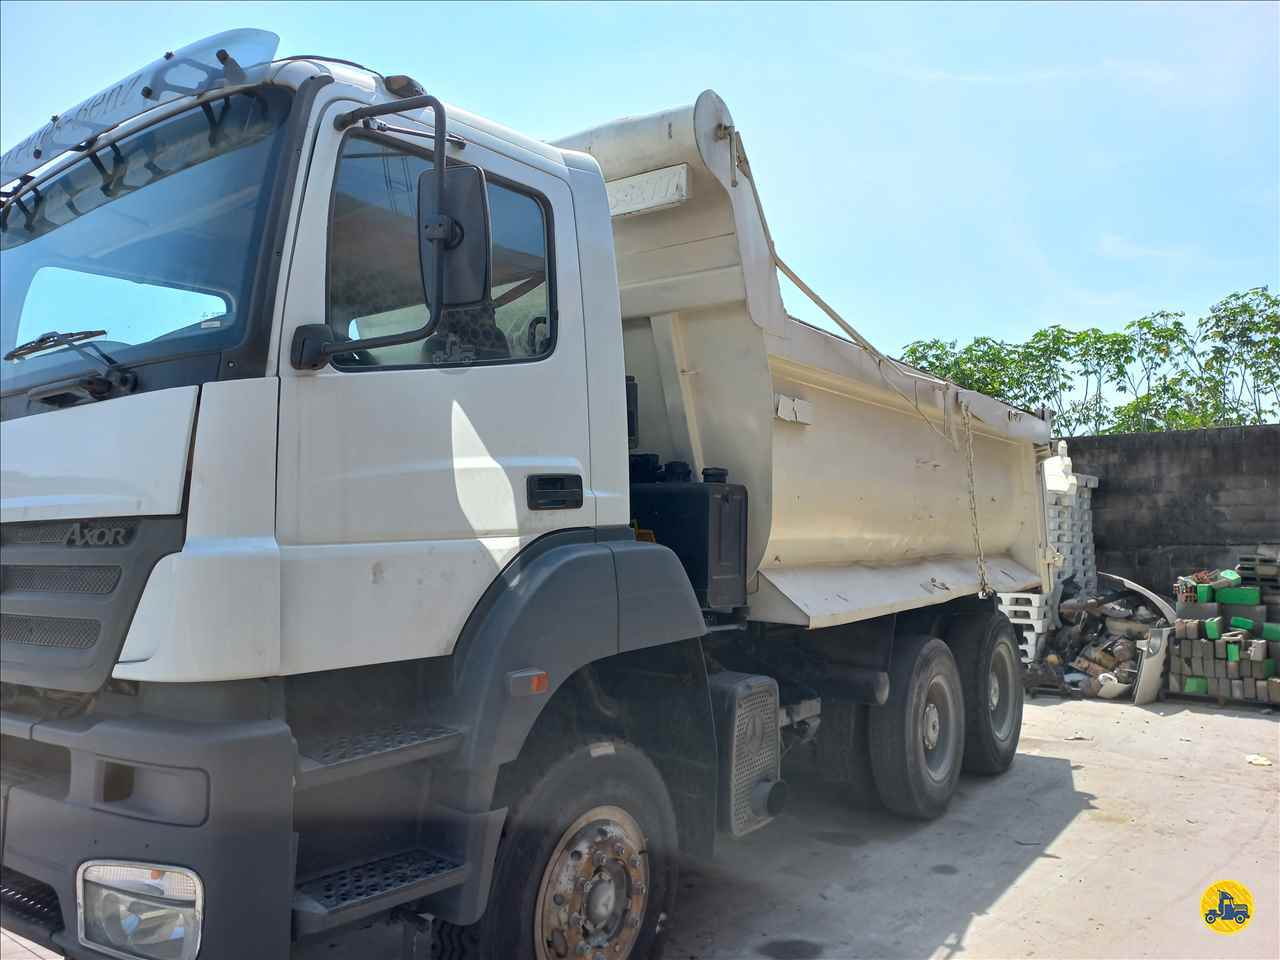 CAMINHAO MERCEDES-BENZ MB 4140 Caçamba Basculante Traçado 6x4 Afranio Caminhões RIO BONITO RIO DE JANEIRO RJ